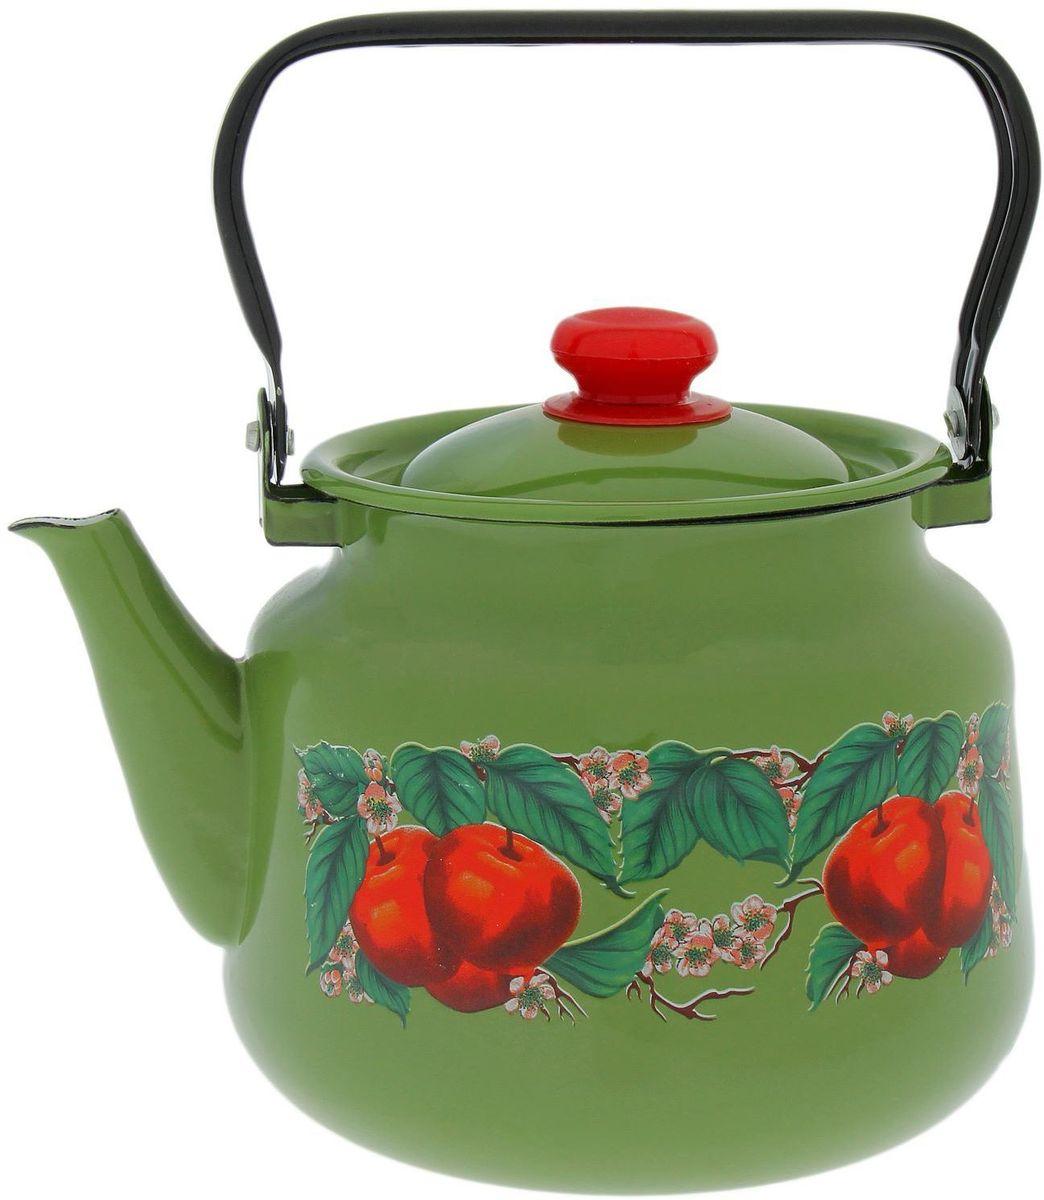 Чайник Epos Яблоко зеленое, 3,5 л1770692Согласитесь, и профессиональному повару, и любителю поэкспериментировать на кухне, и тому, кто к стряпанью не имеет никакого отношения, не обойтись без элементарных предметов, столовые принадлежности, аксессуары для приготовления и хранения пищи — незаменимые вещи для всех, кто хочет порадовать свою семью аппетитными блюдами. Душевная атмосфера и со вкусом накрытый стол всегда будут собирать в вашем доме близких и друзей.